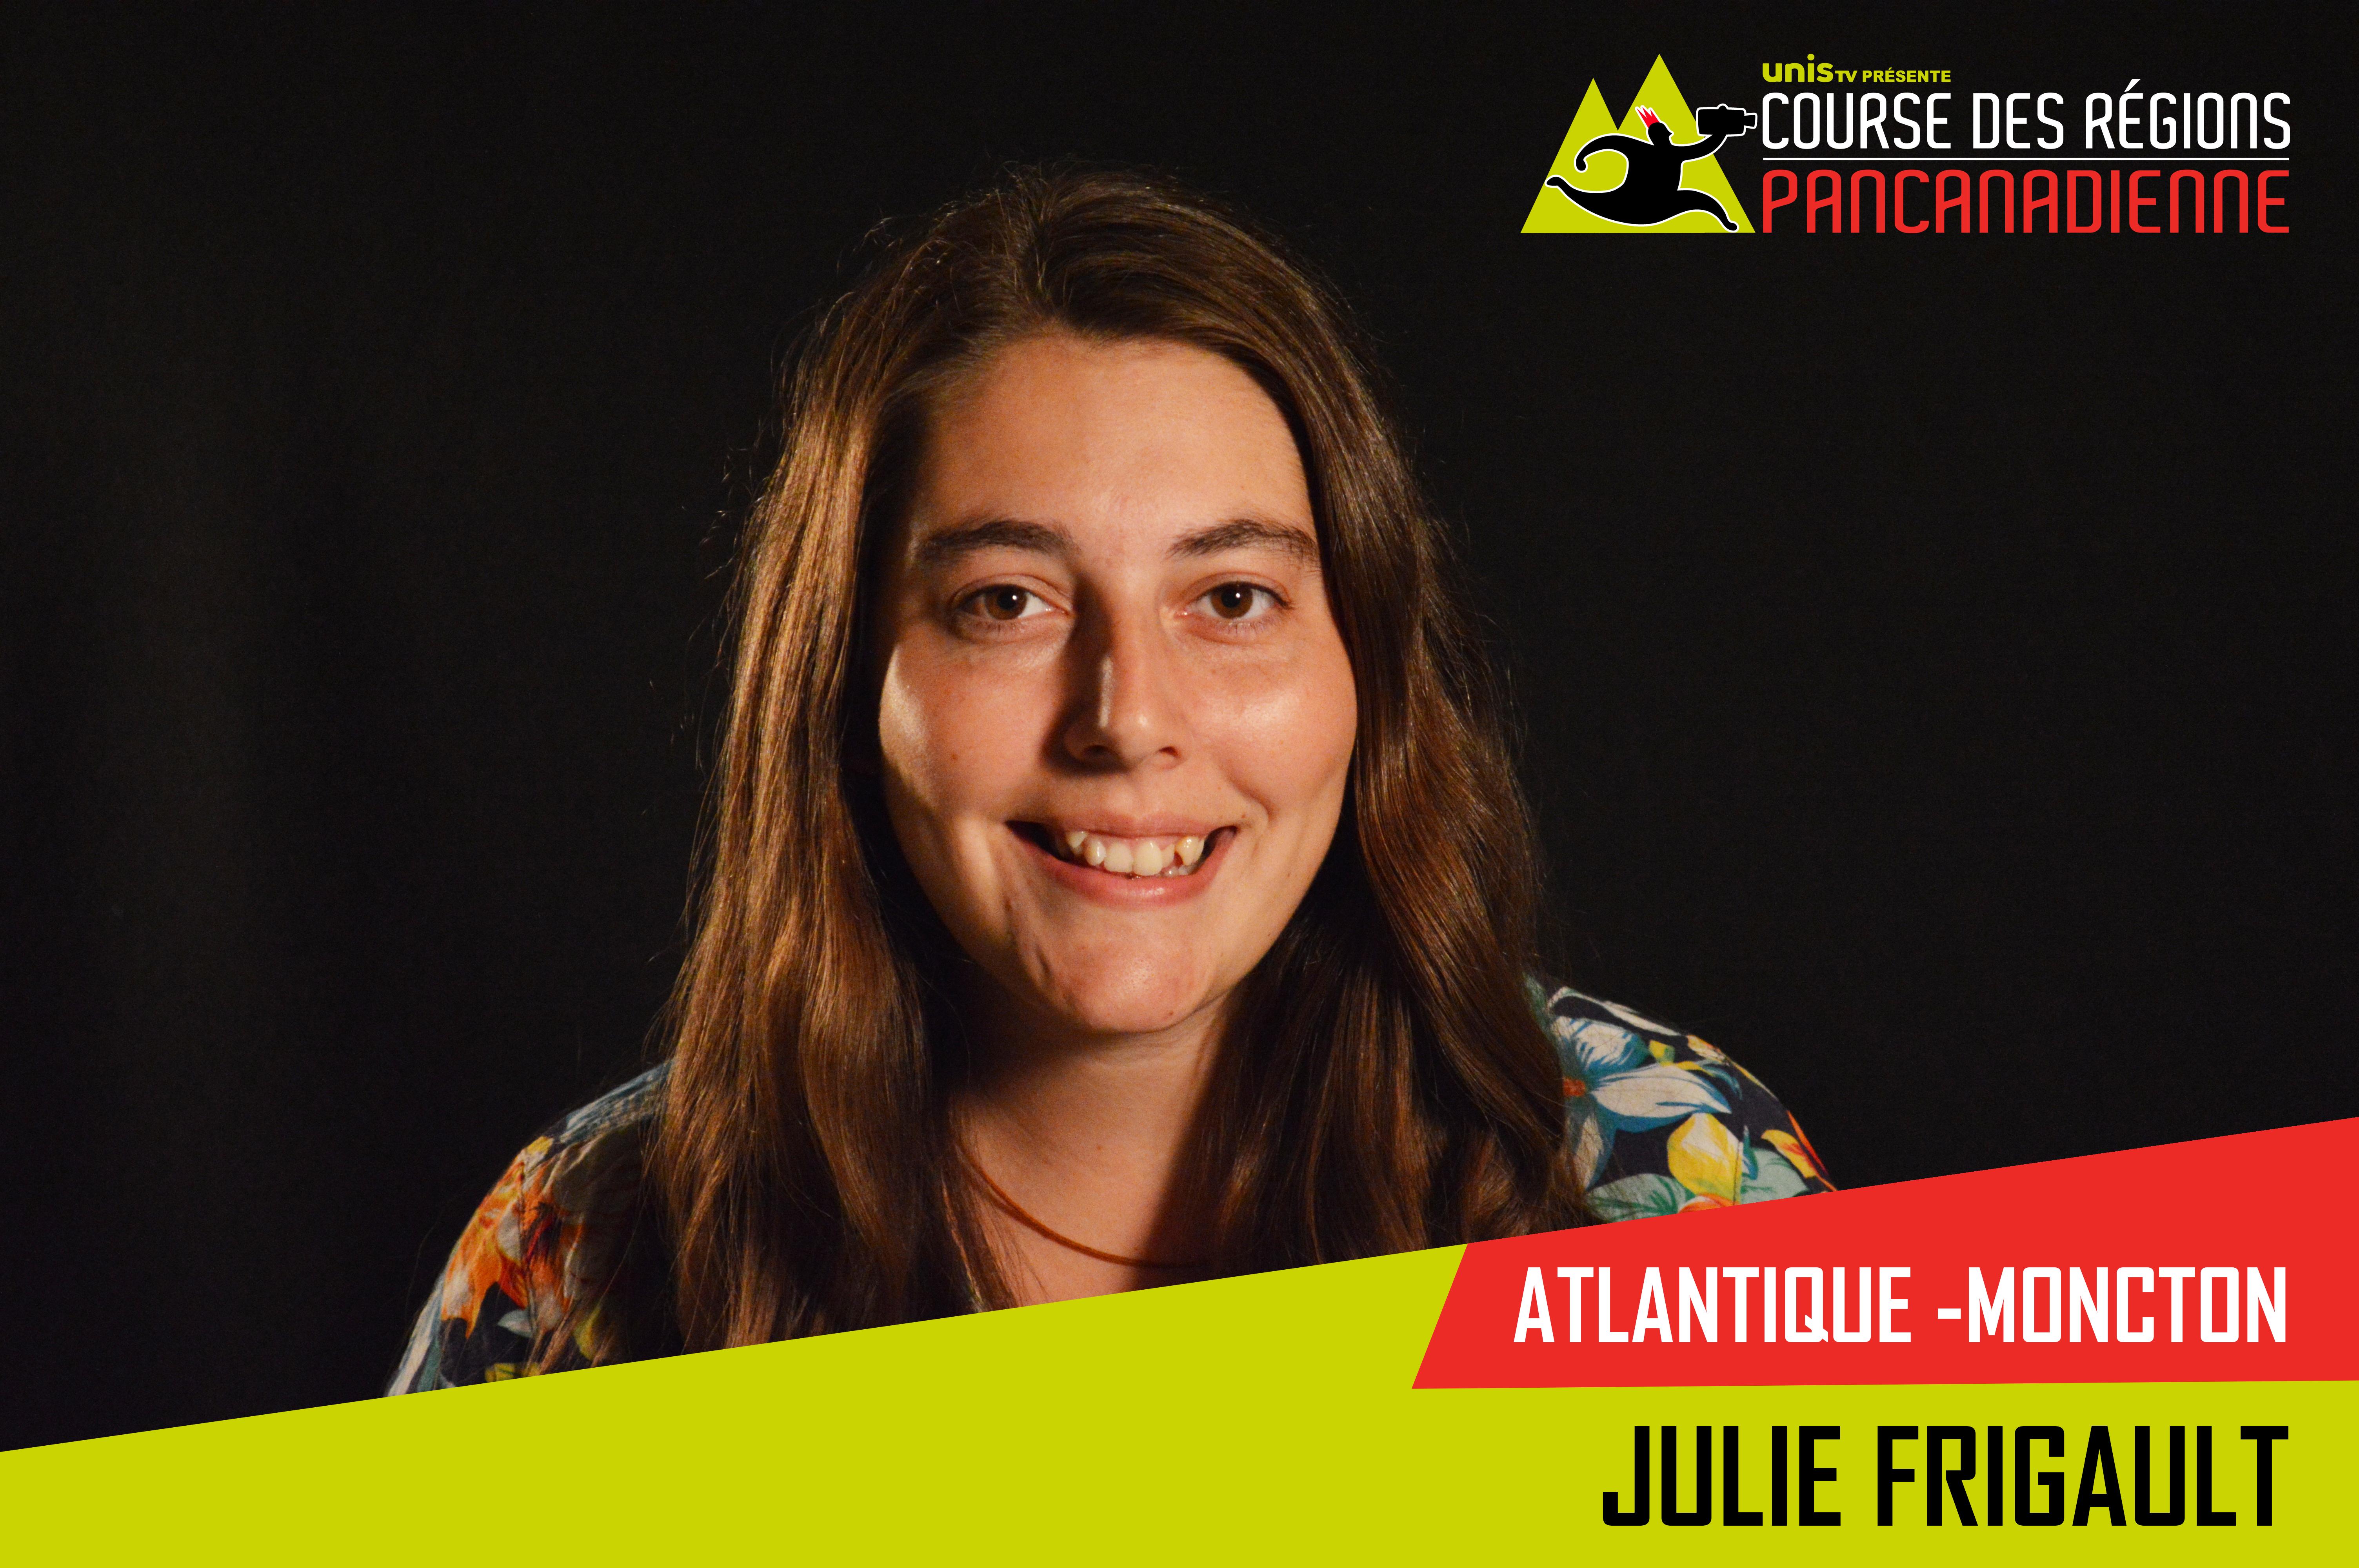 1. Julie Frigault